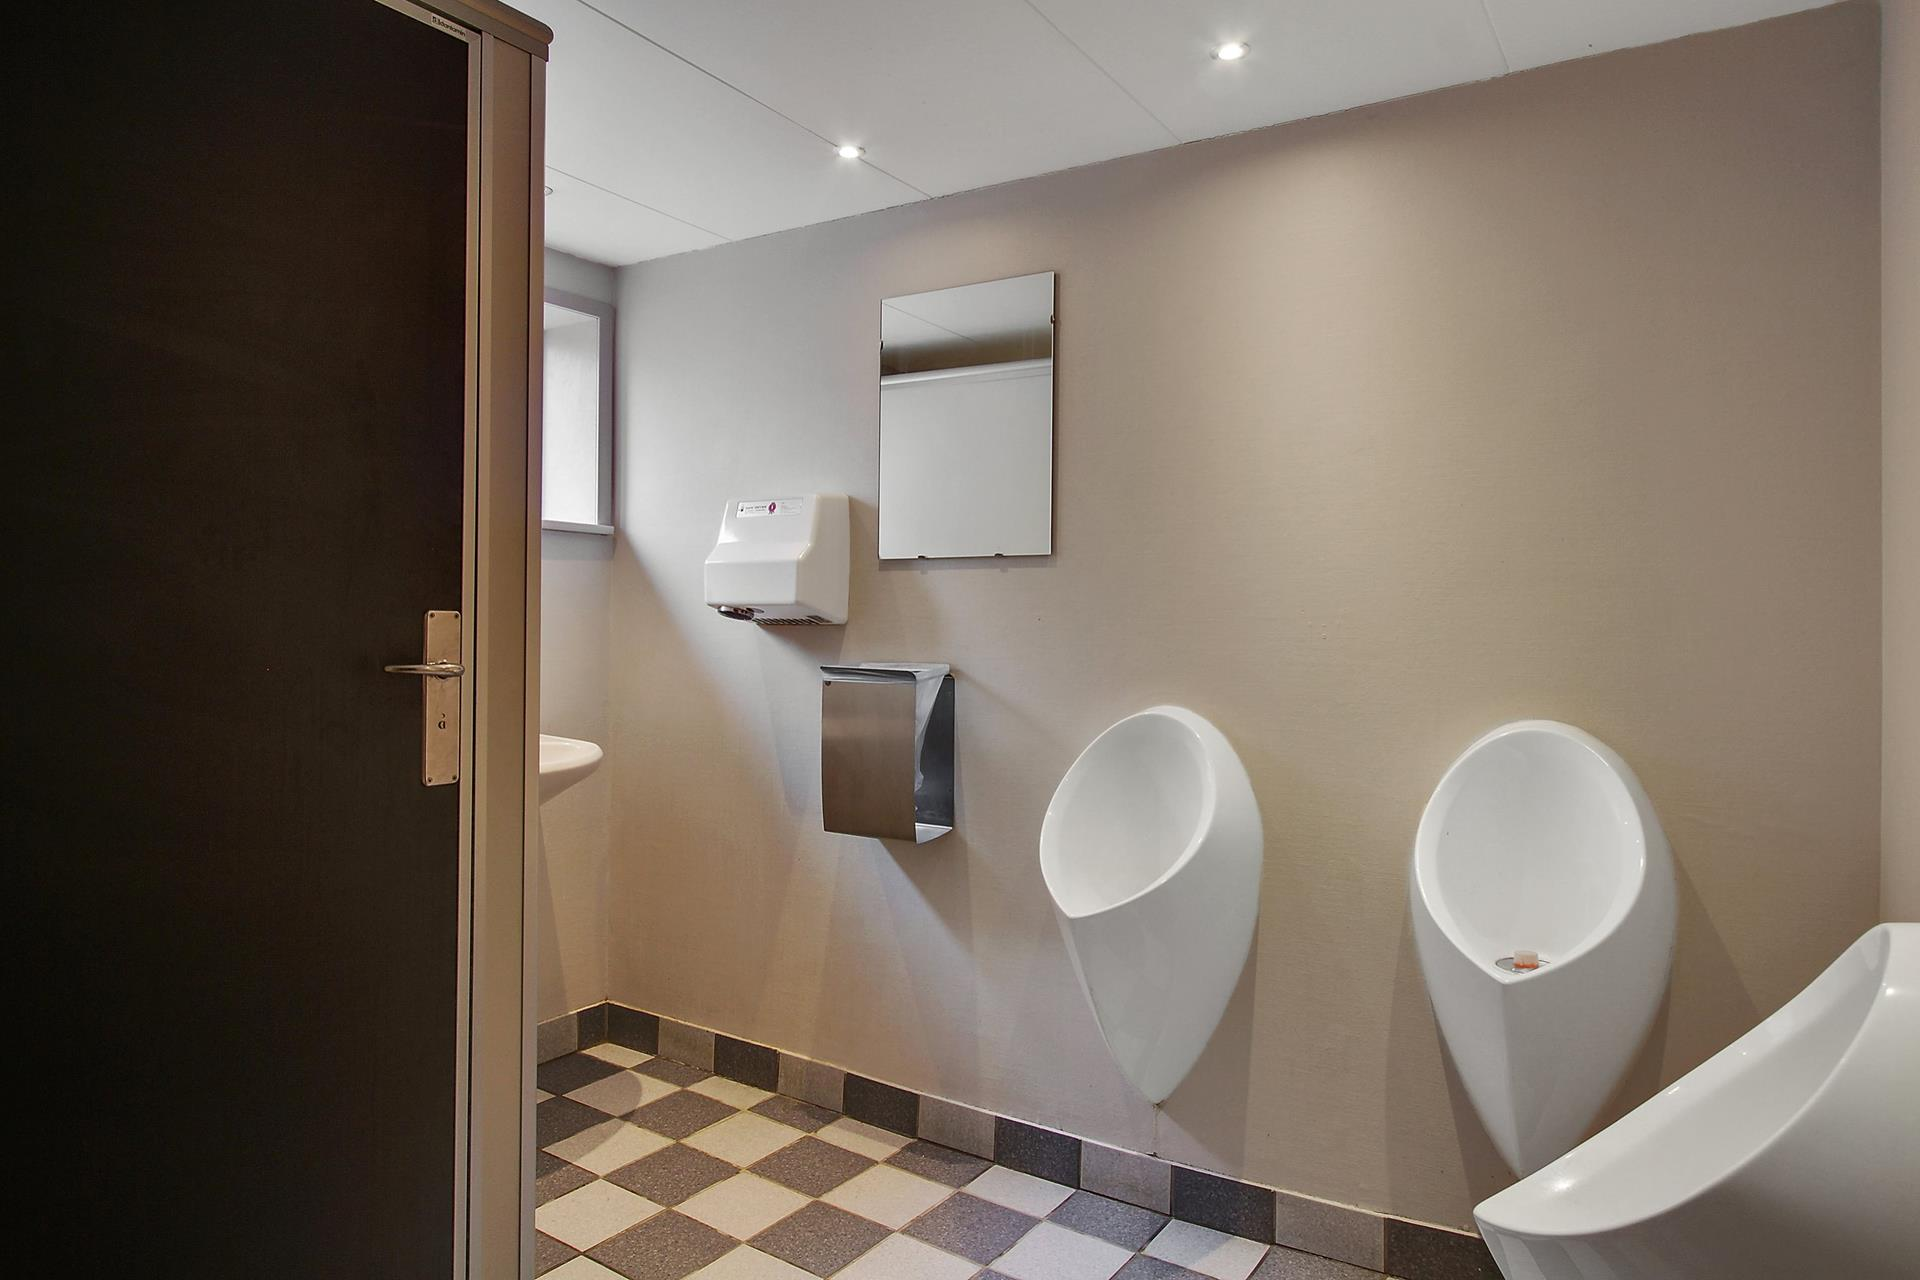 Andet på Torvet i Haderslev - Toilet